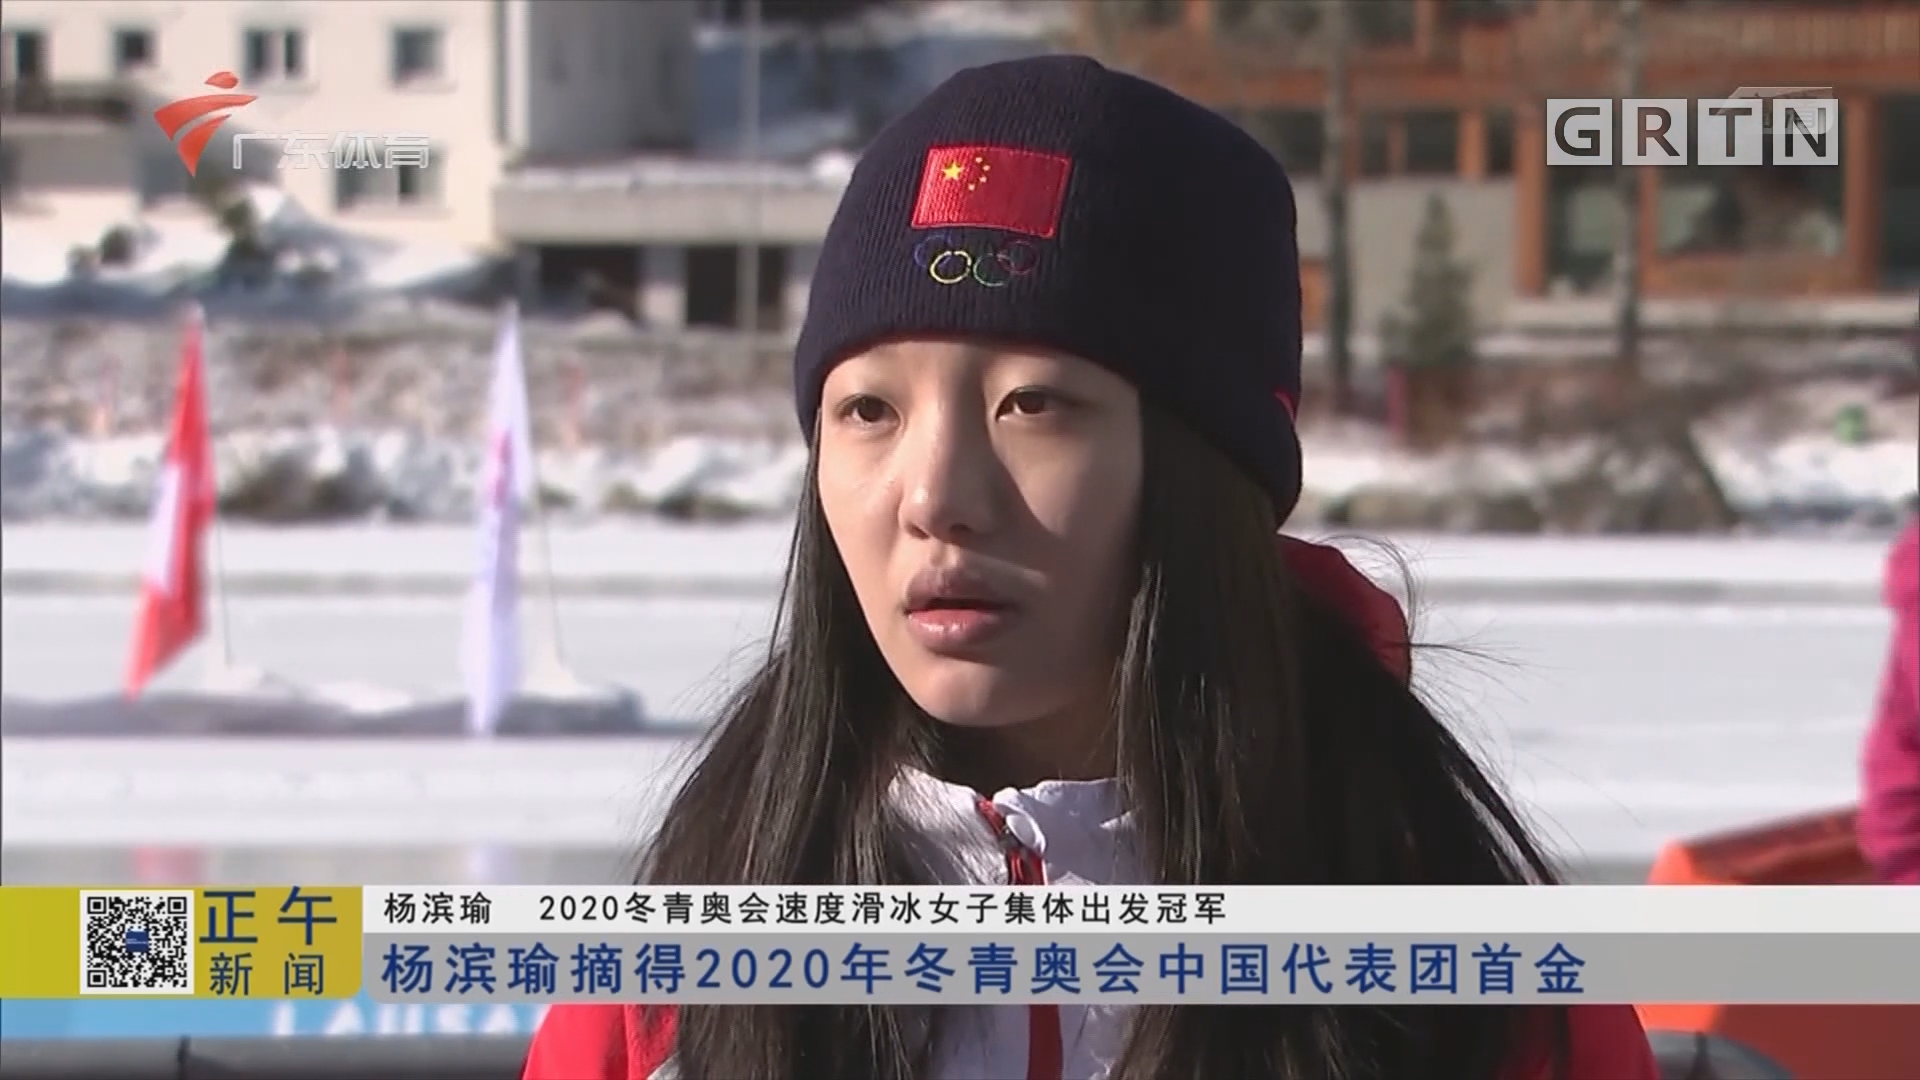 杨滨瑜摘得2020年冬青奥会中国代表团首金